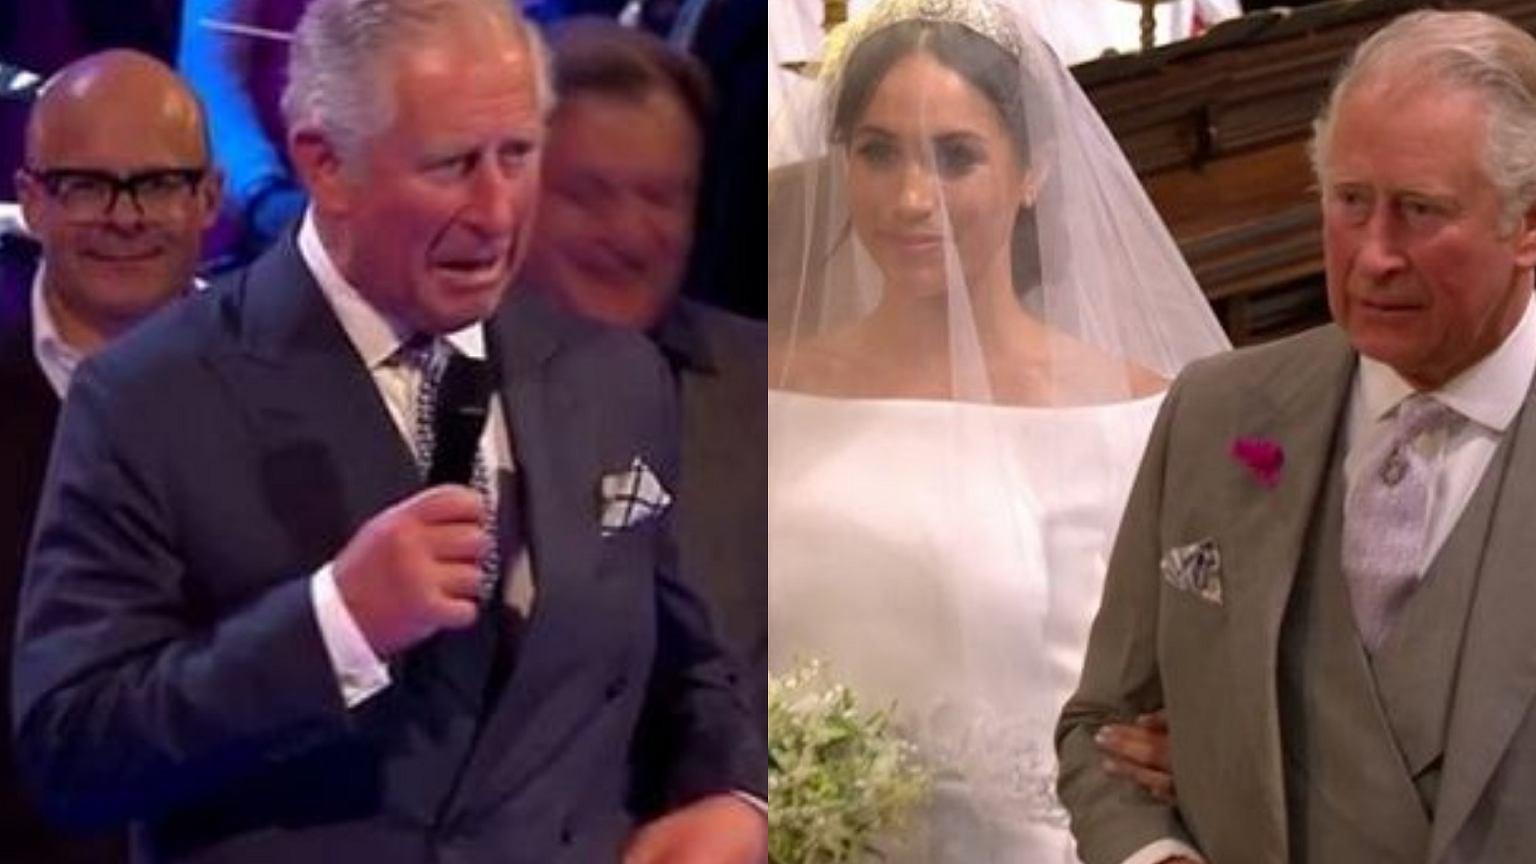 Książę Karol pokusił się o żartobliwą przemowę na weselu. Goście rozbawieni, ale Harry'emu raczej nie było do śmiechu